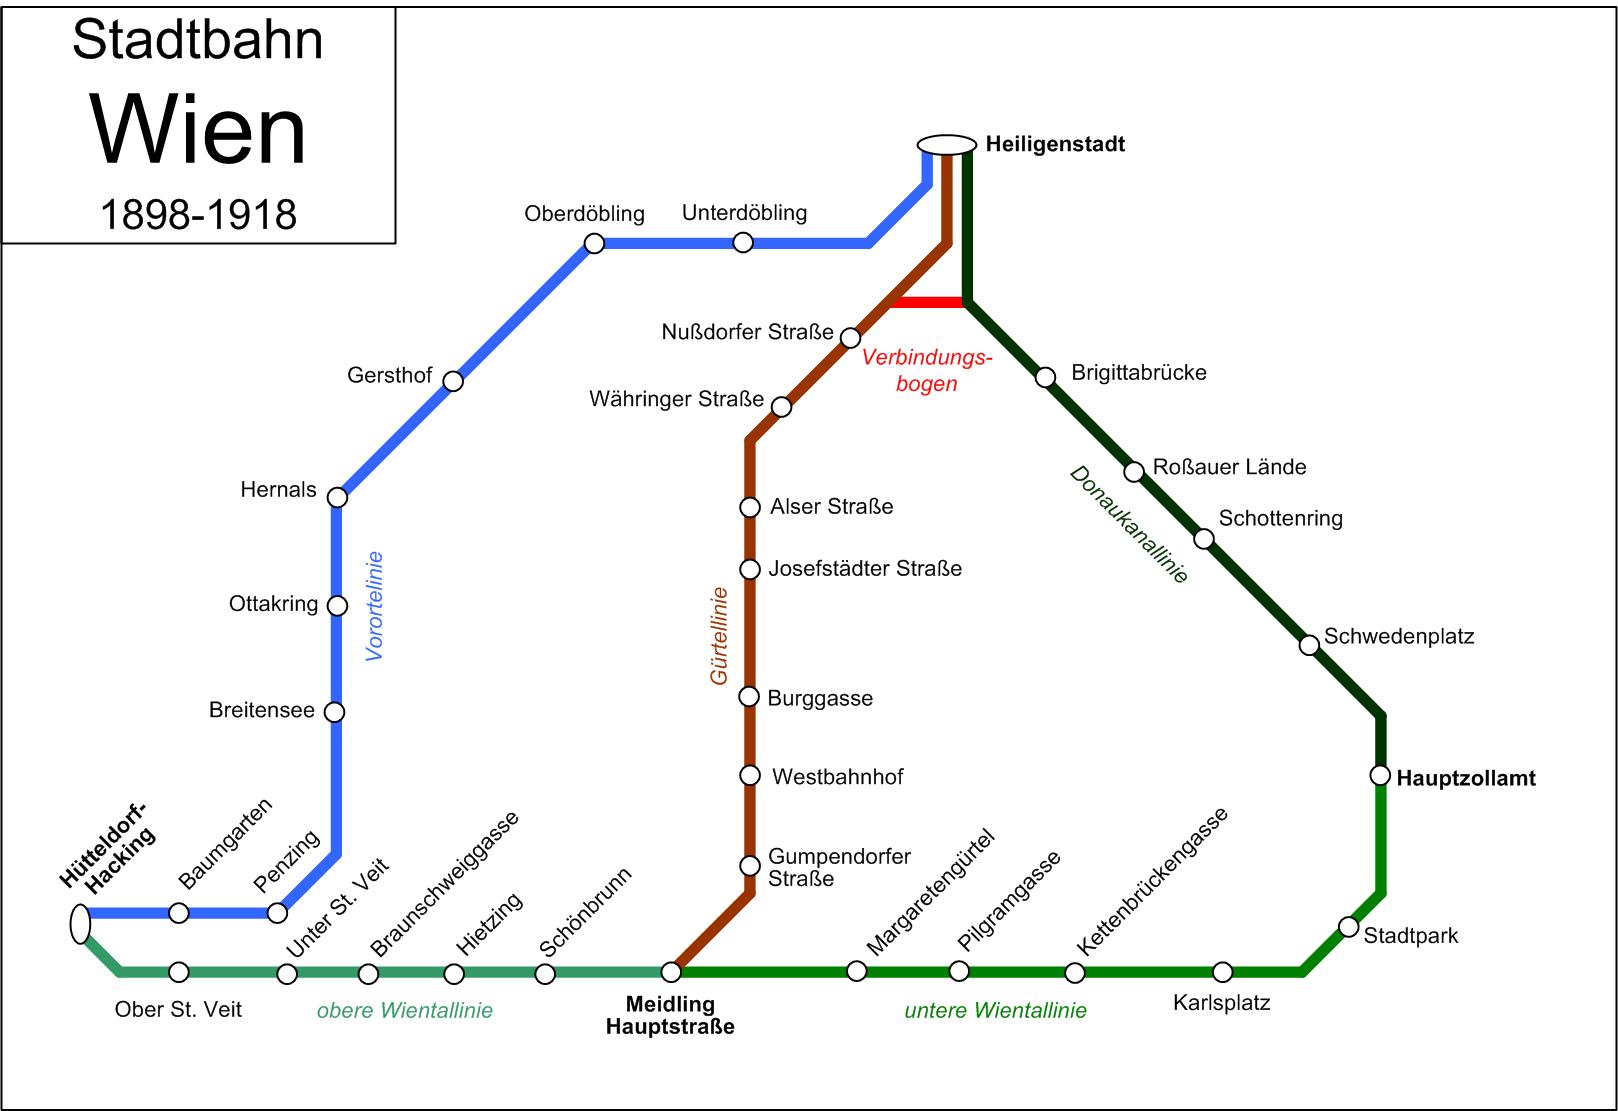 Die Stadtbahn